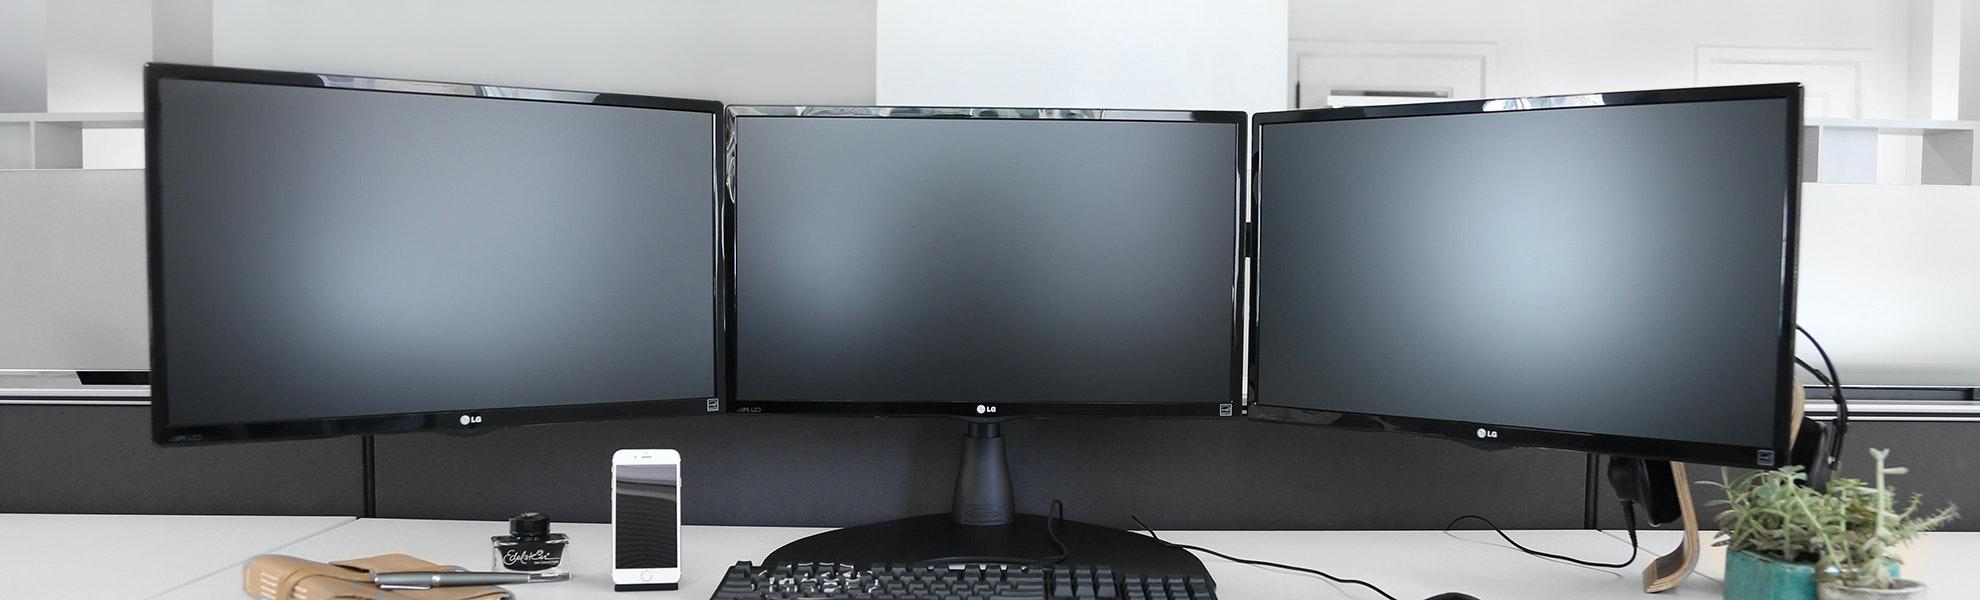 lg 144hz monitor. lg 24\ lg 144hz monitor